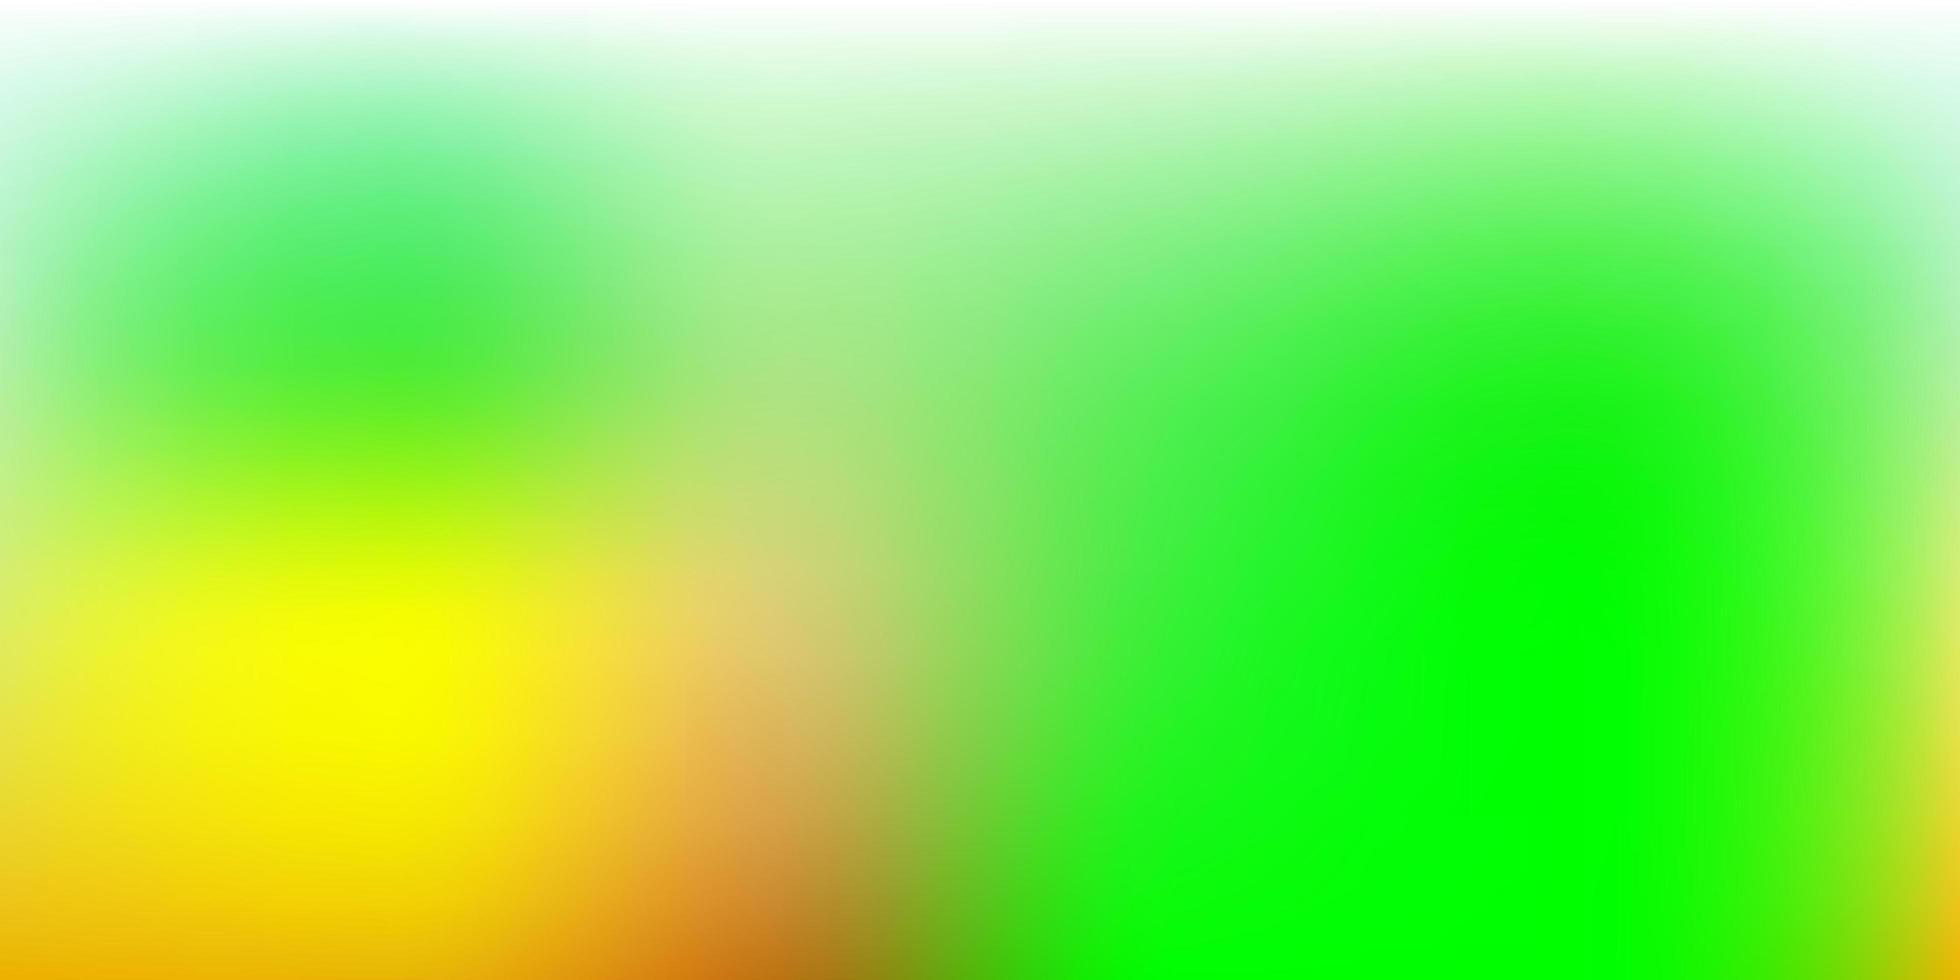 disegno di sfocatura astratta vettoriale multicolore scuro.